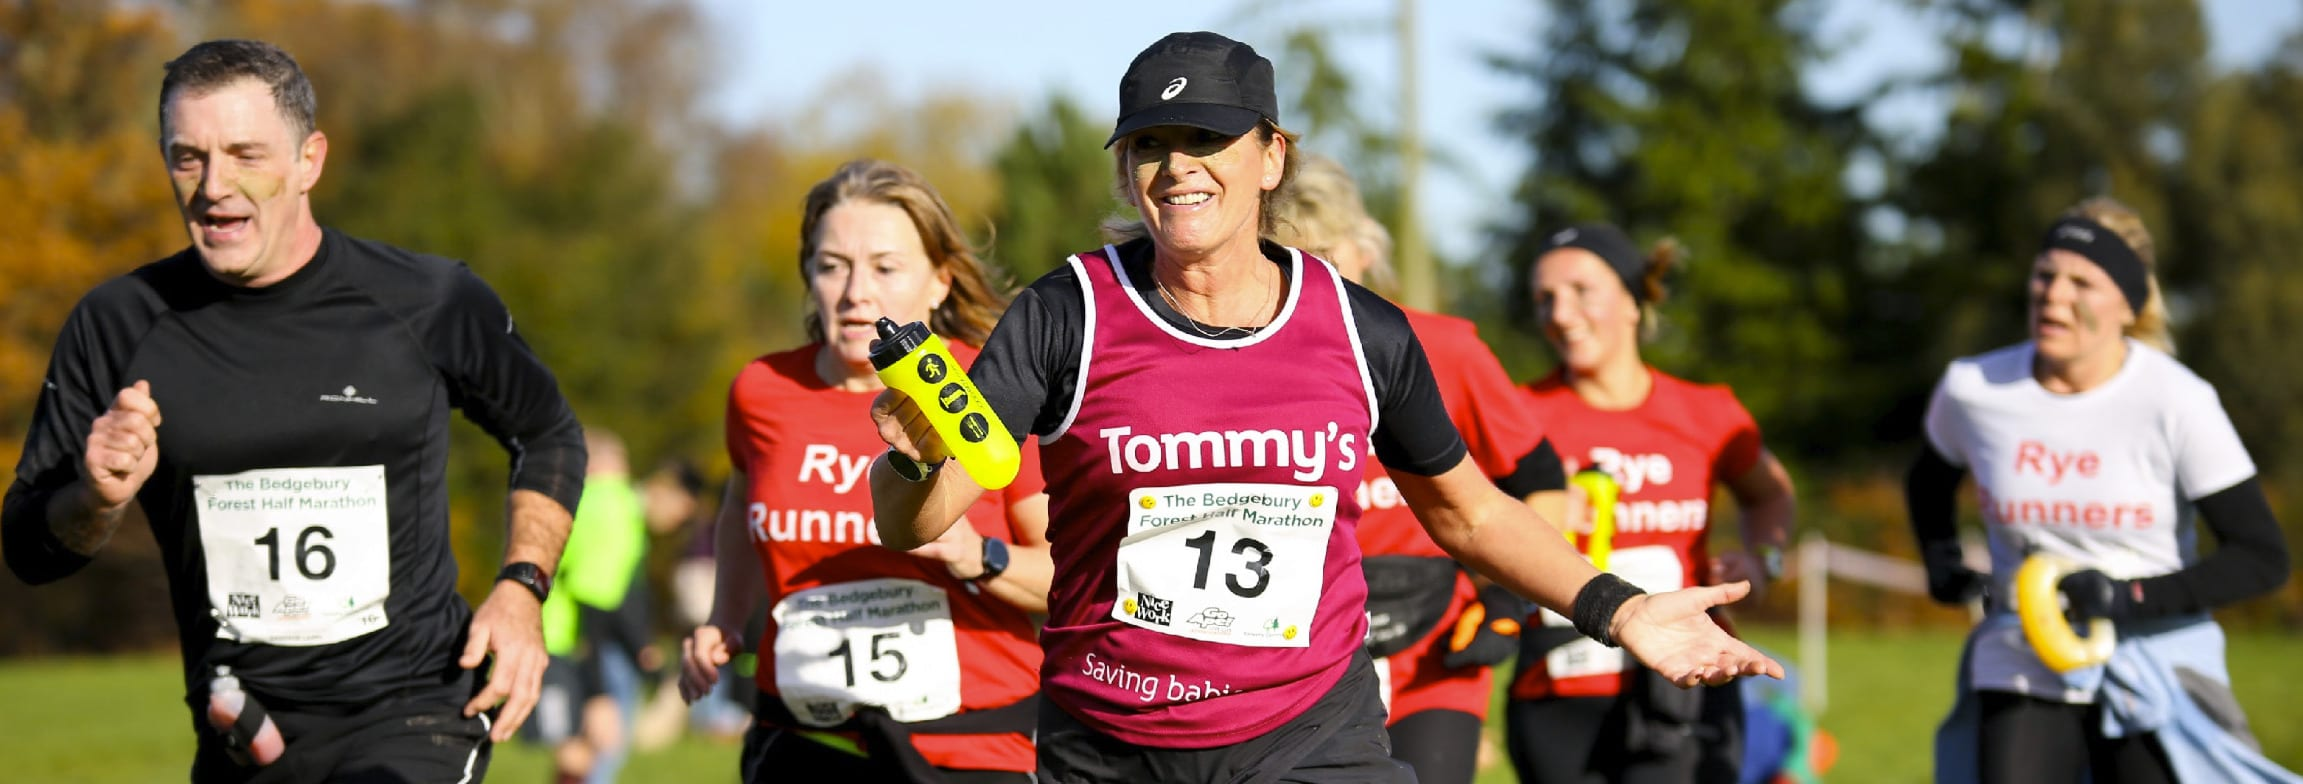 The Bedgebury Forest Half Marathon & 10k